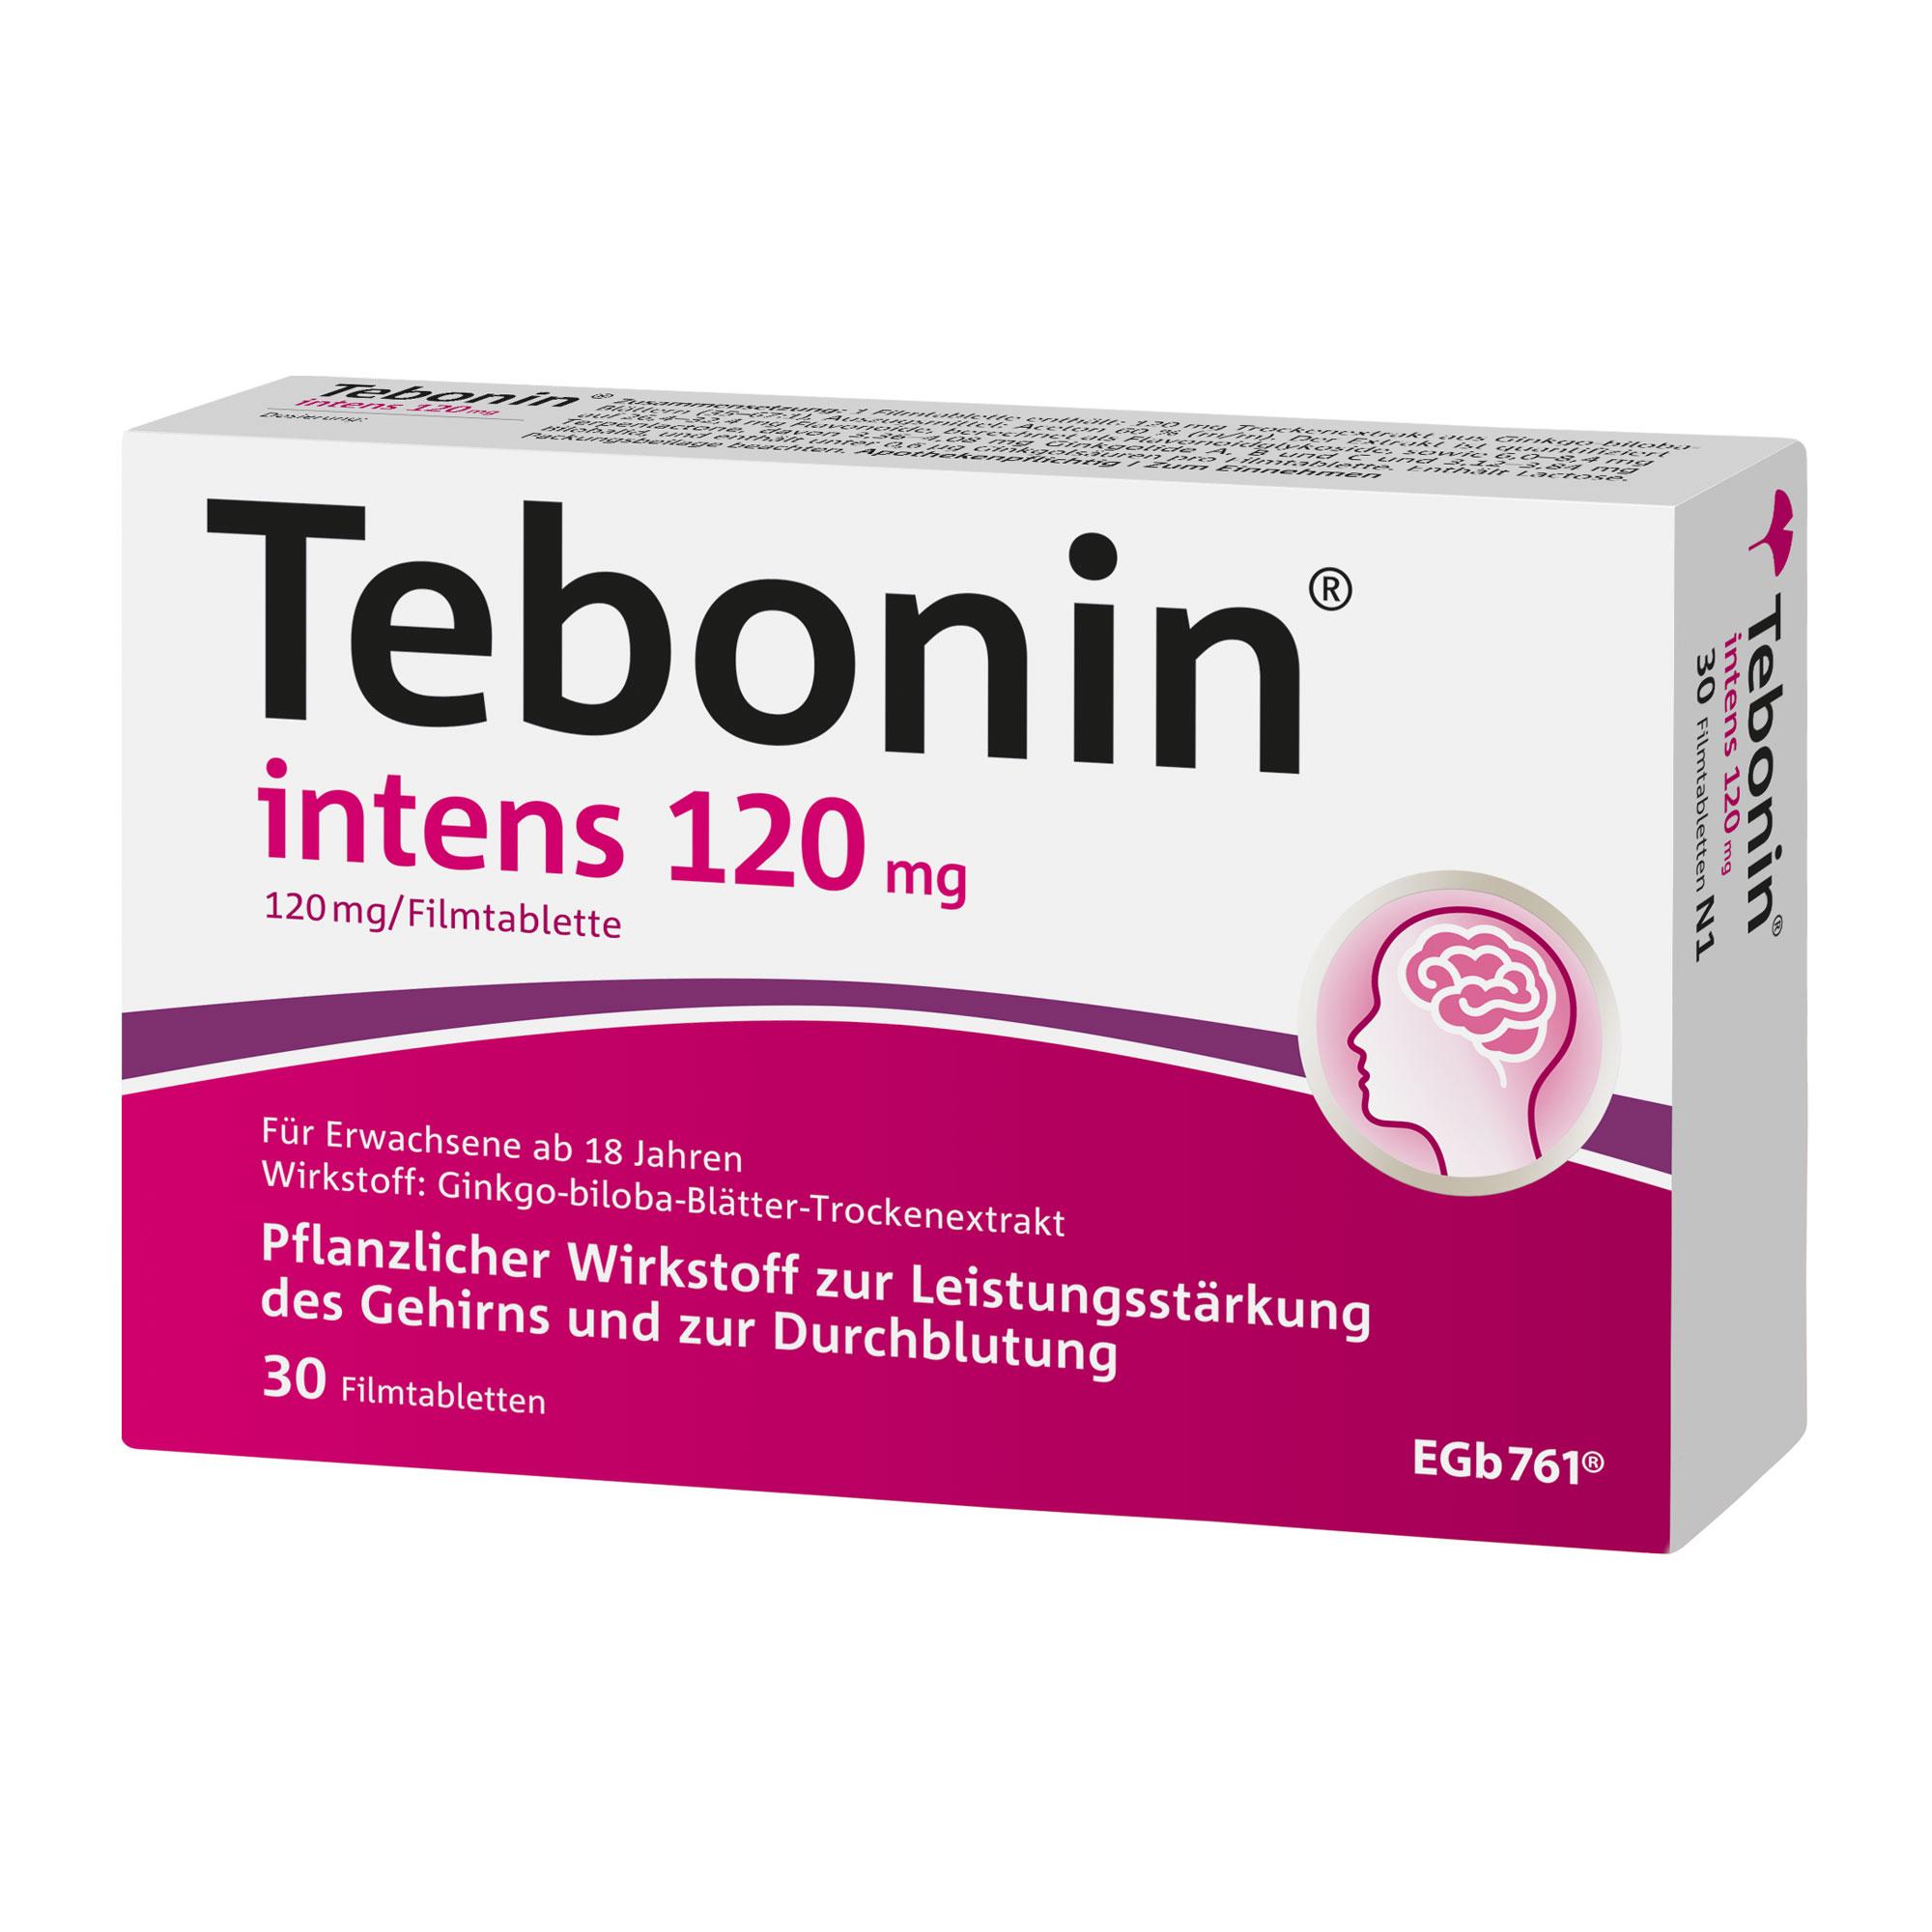 Tebonin intens 120 mg